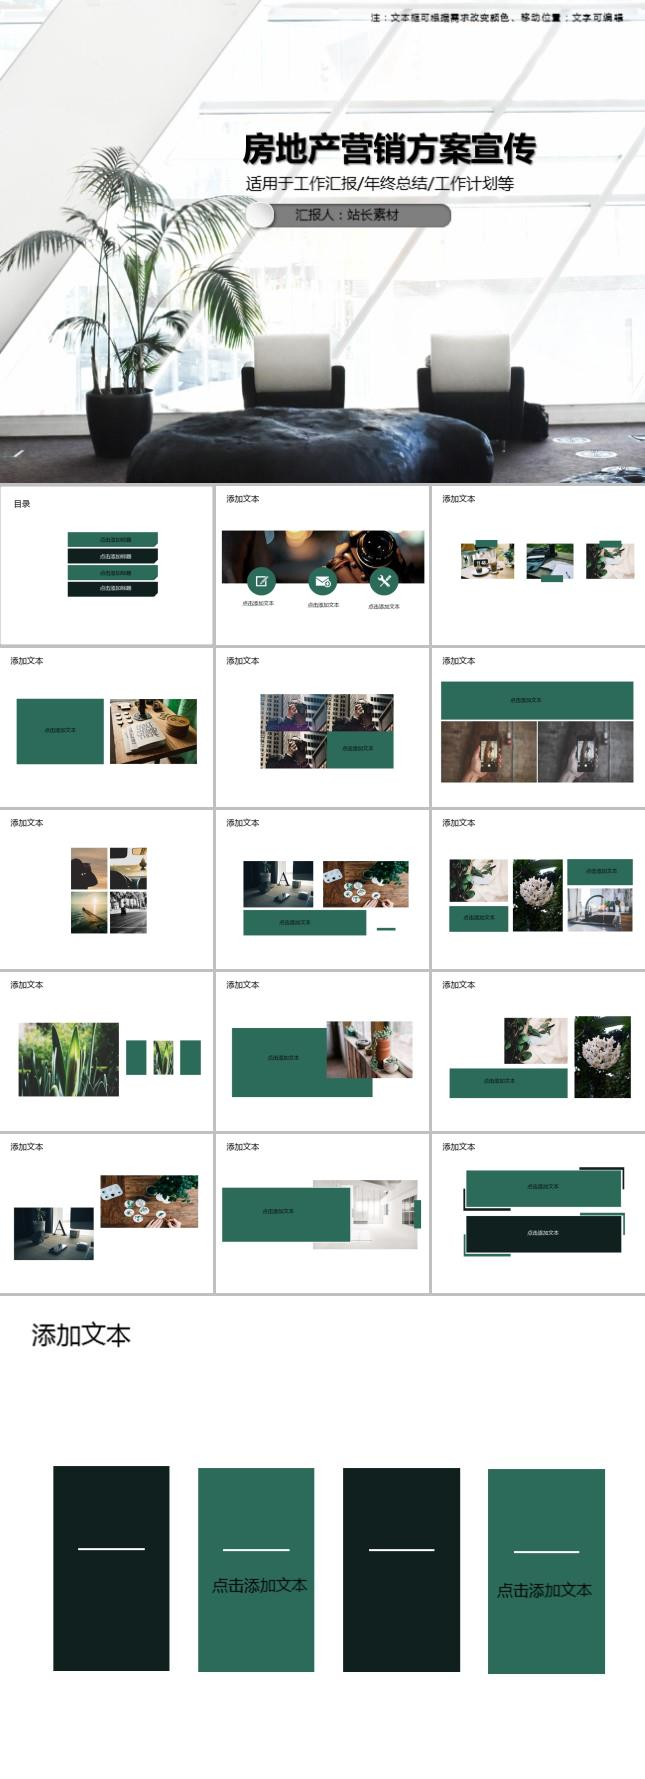 房地产营销方案宣传PPT模板